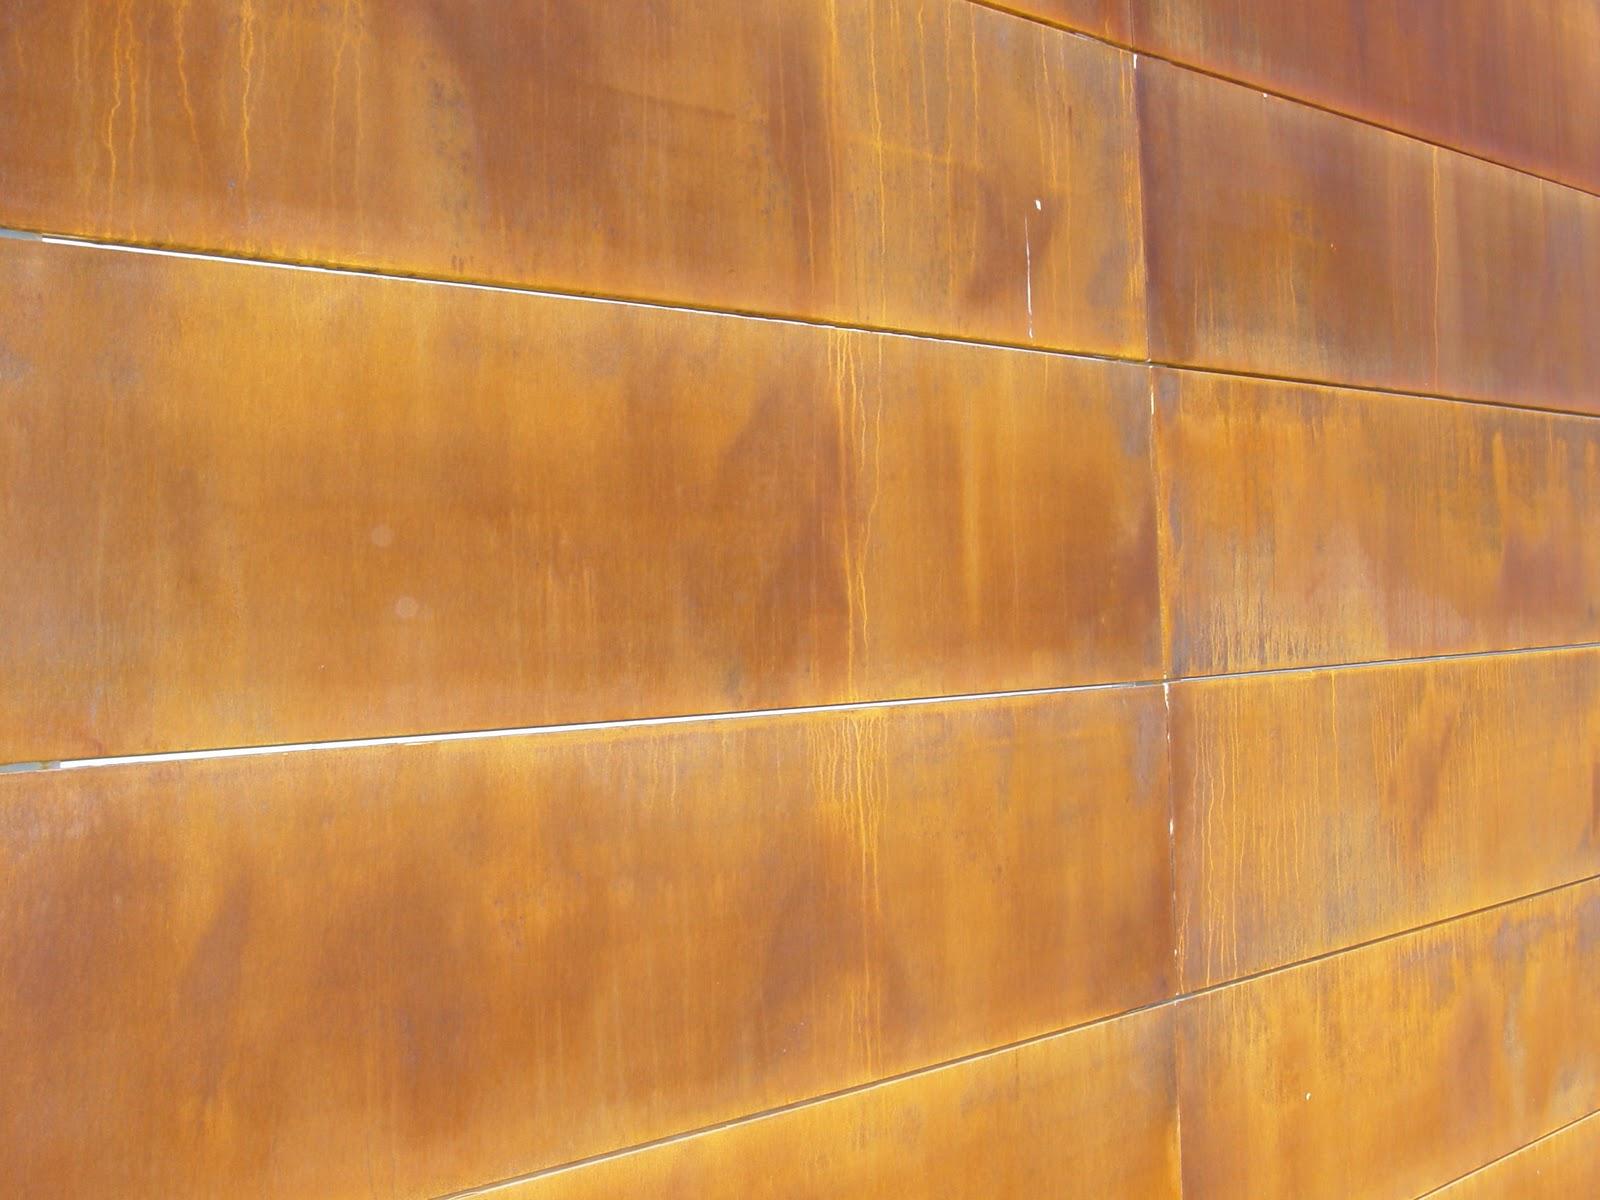 Publicaci n en la revista arte y cemento sistema for Acero corten perforado oxidado